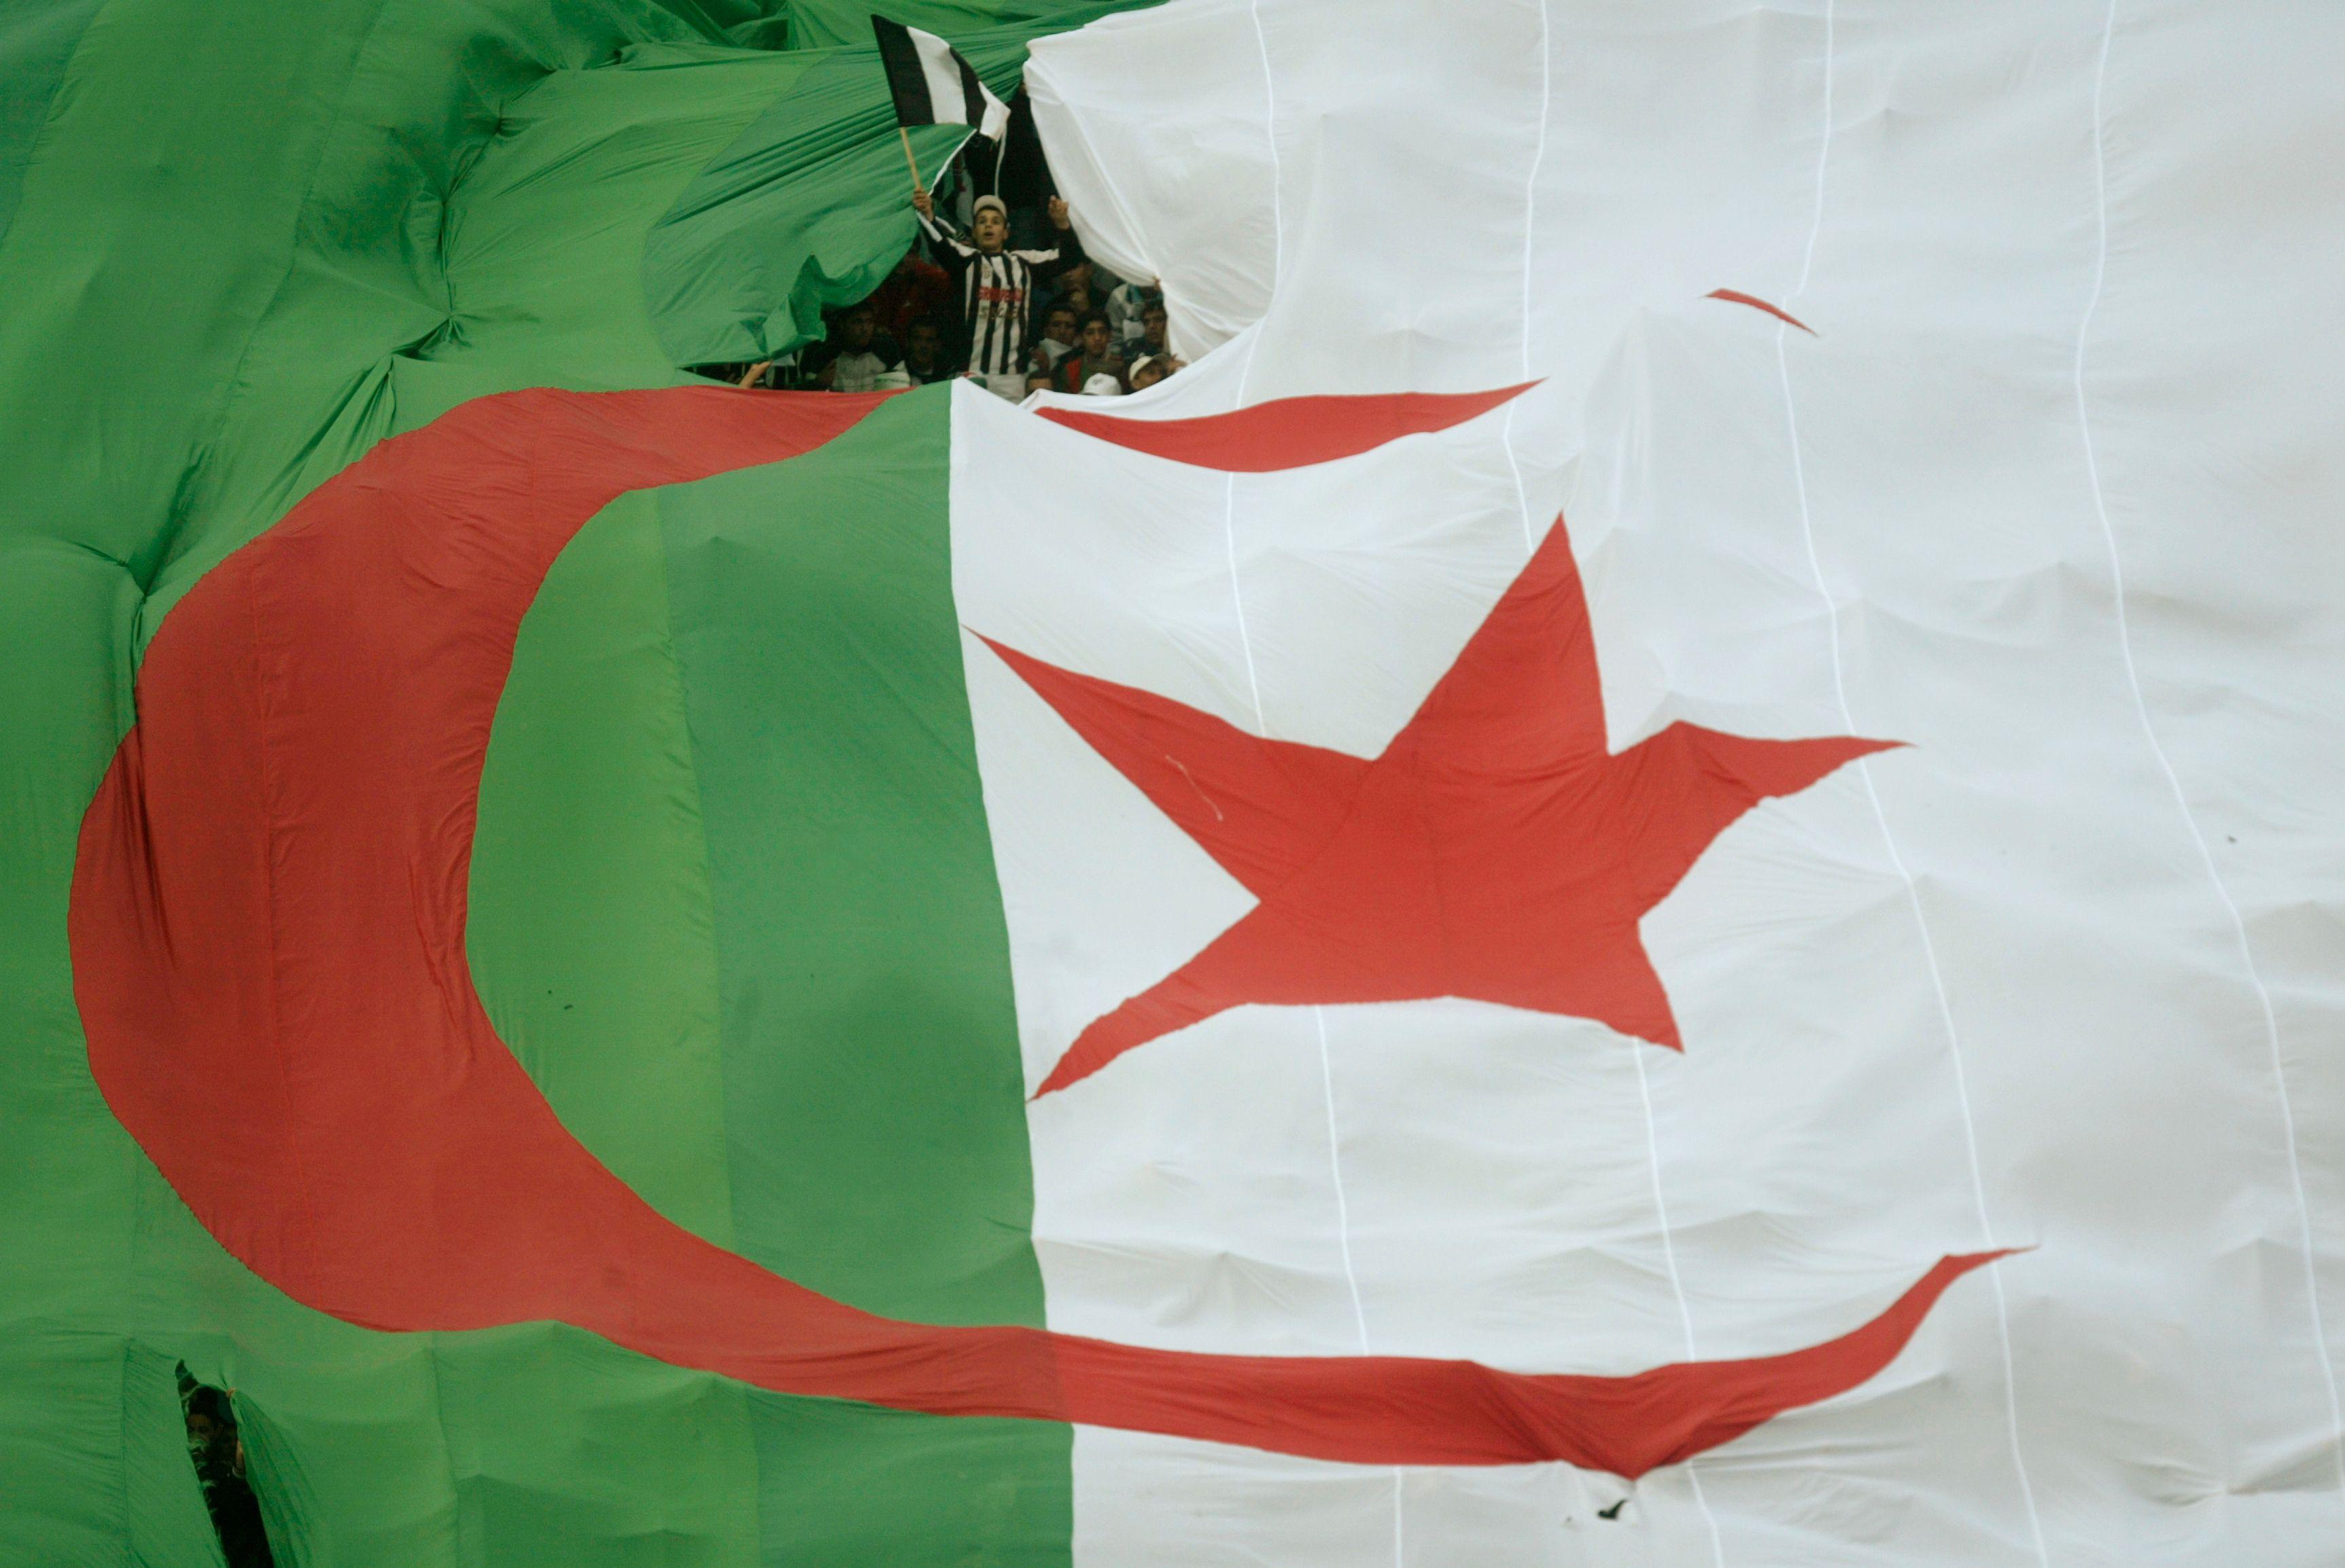 L'empire français : l'Algérie, terre de colonisation à part, si chère à la France